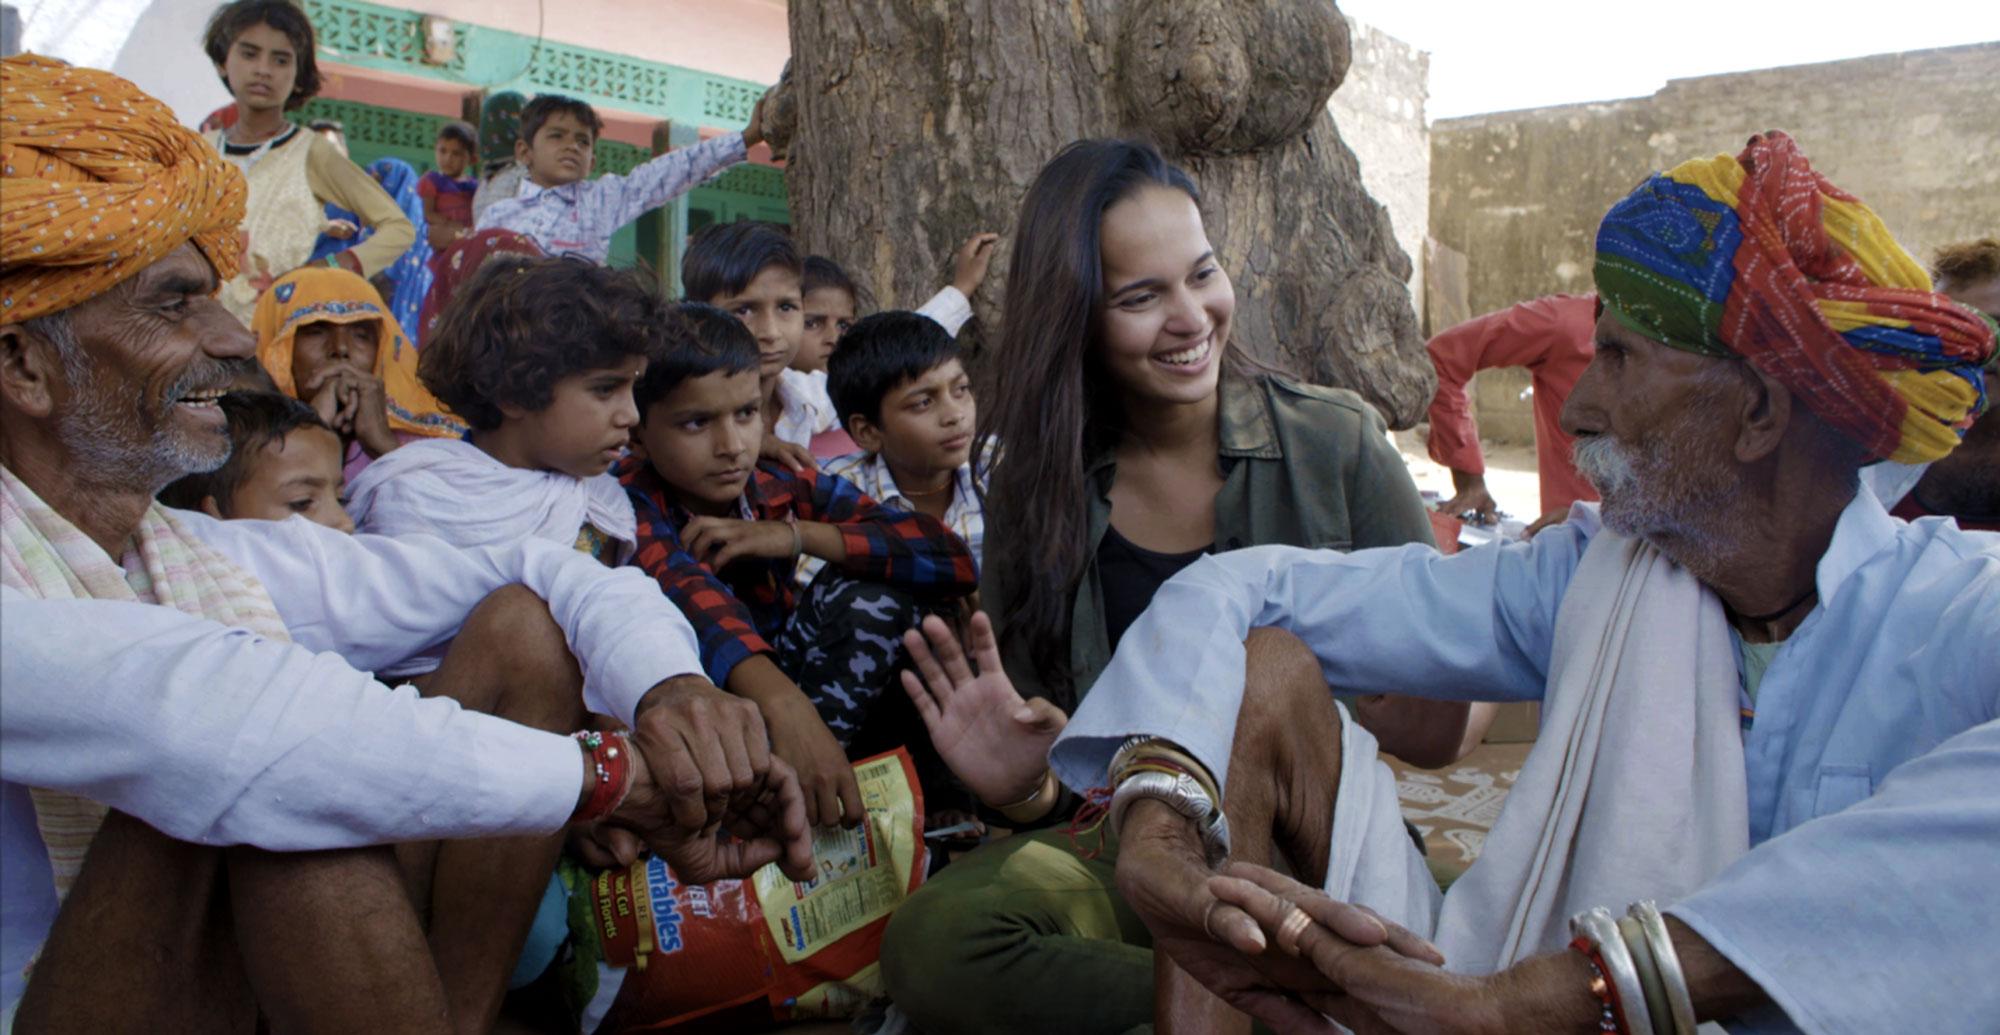 Rajasthan-image_web